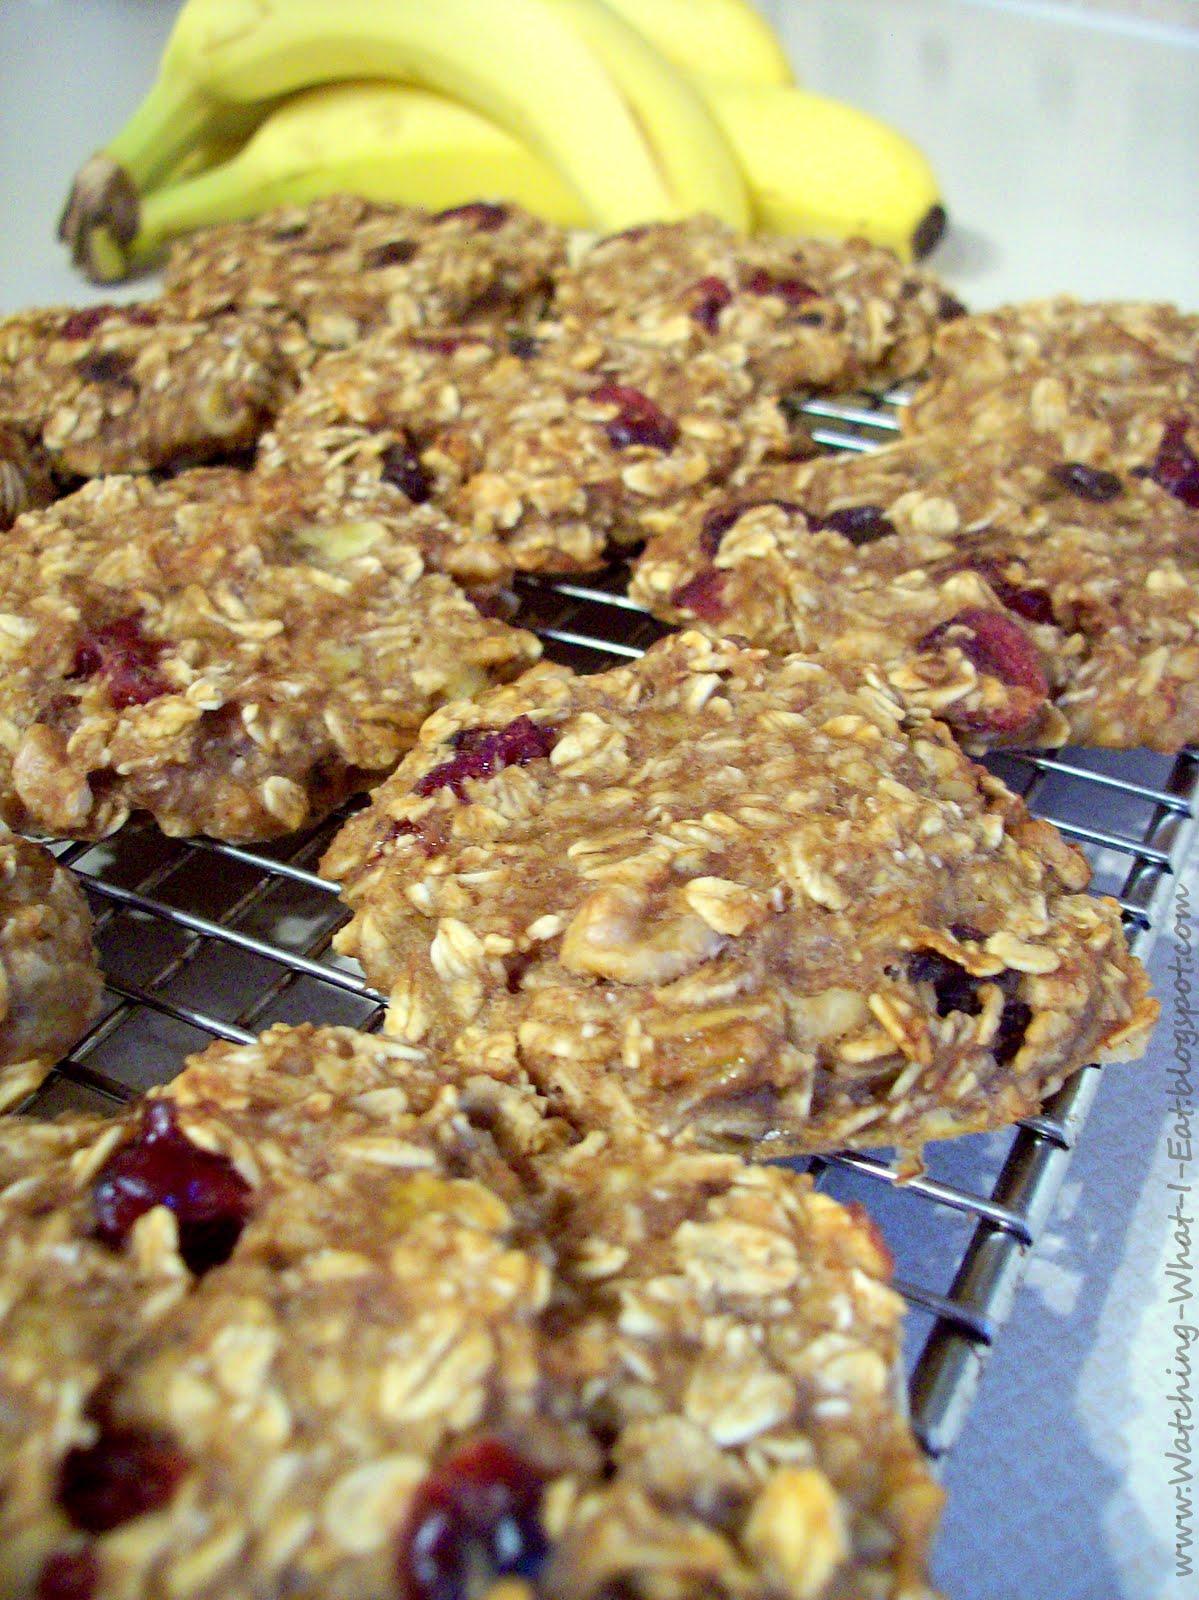 http://3.bp.blogspot.com/-54L2lE8geyY/T4pAW0AqdpI/AAAAAAAAB8A/J9JoAh6RjJU/s1600/breakfast%2Bcookies.JPG